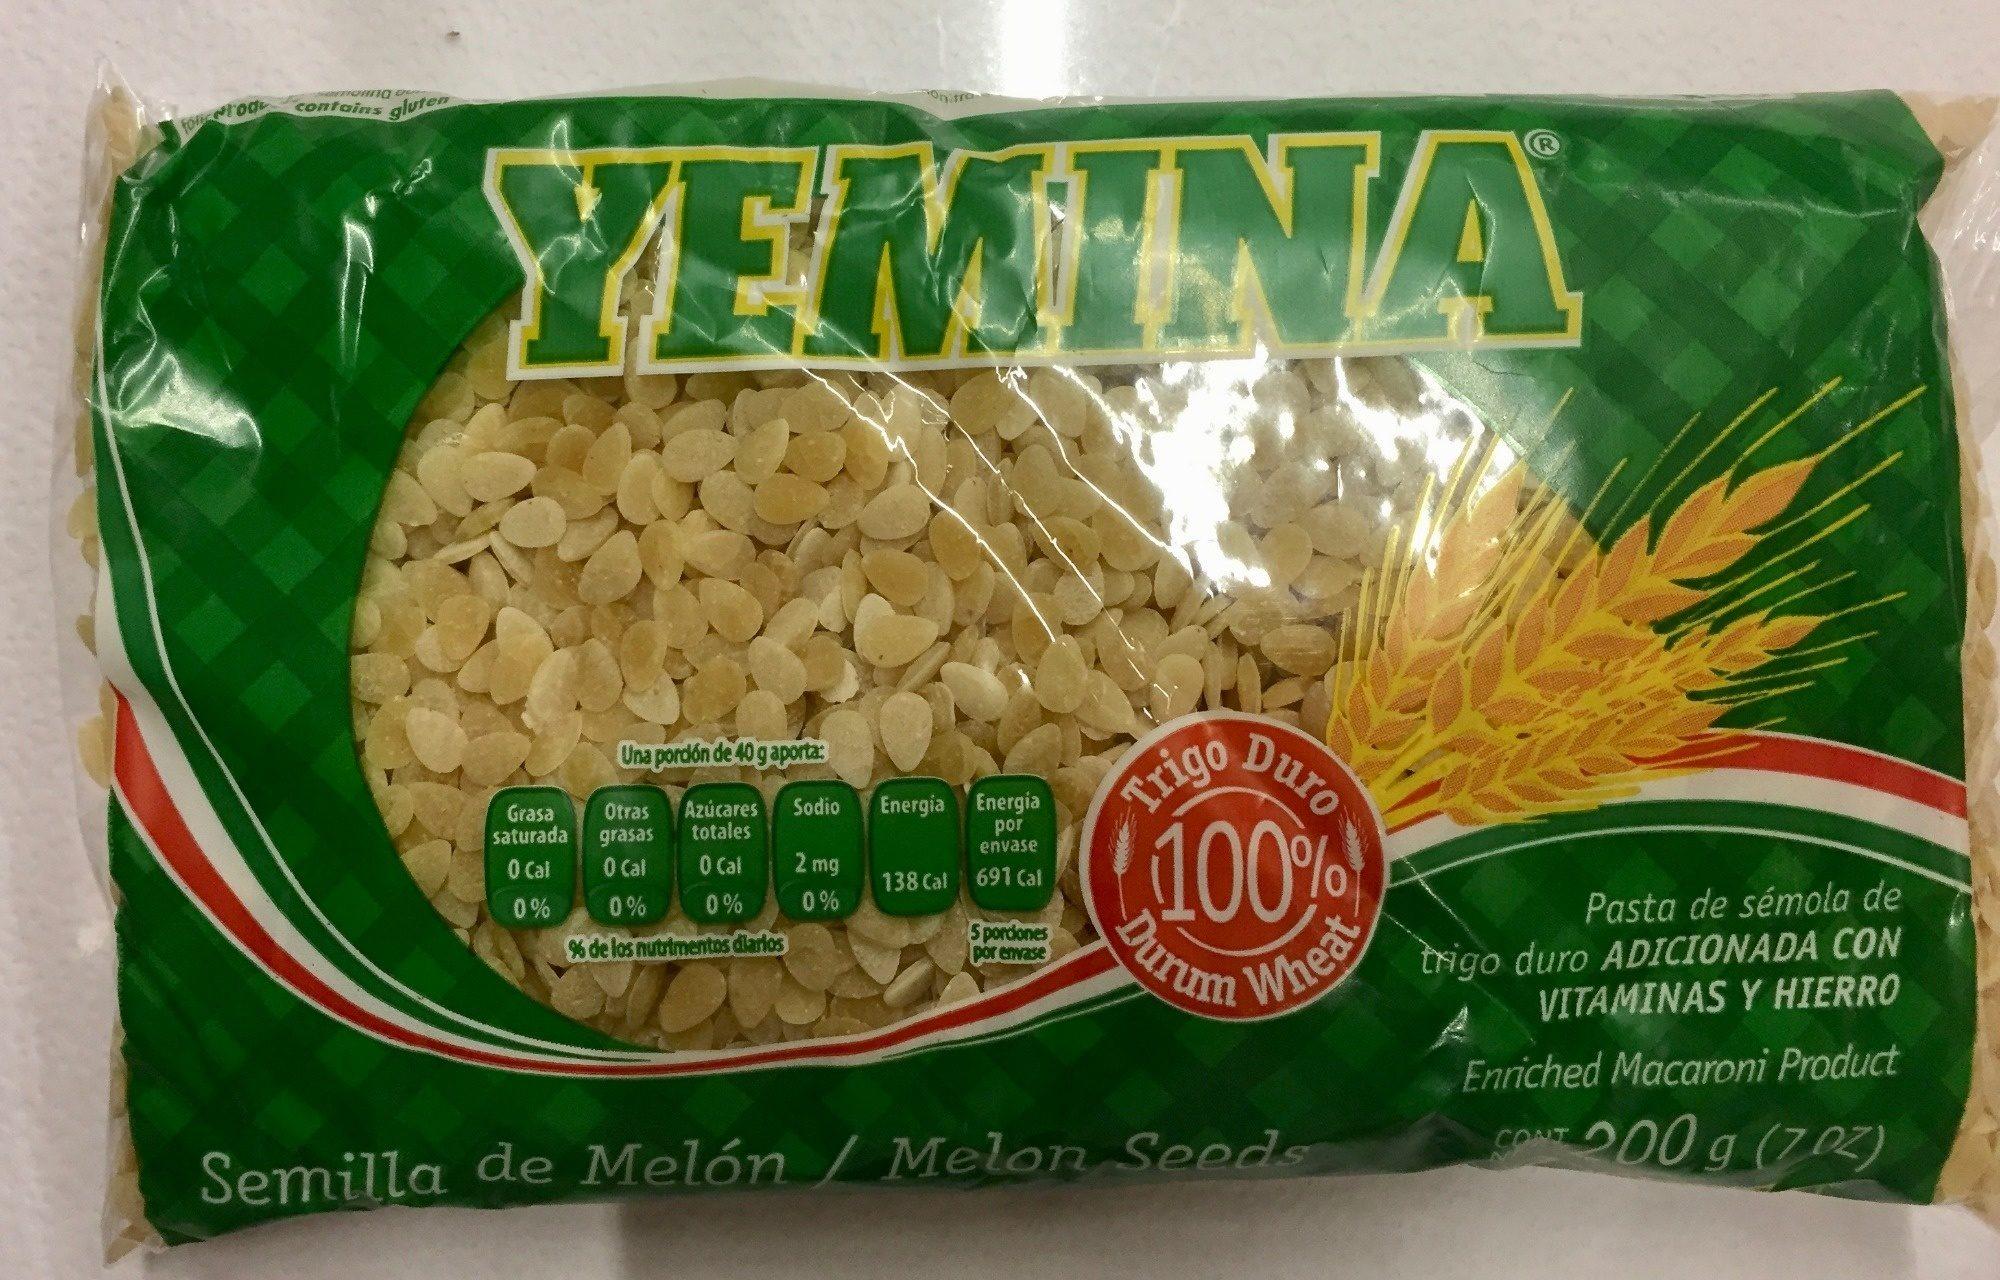 Yemina Semilla de melón - Producto - es